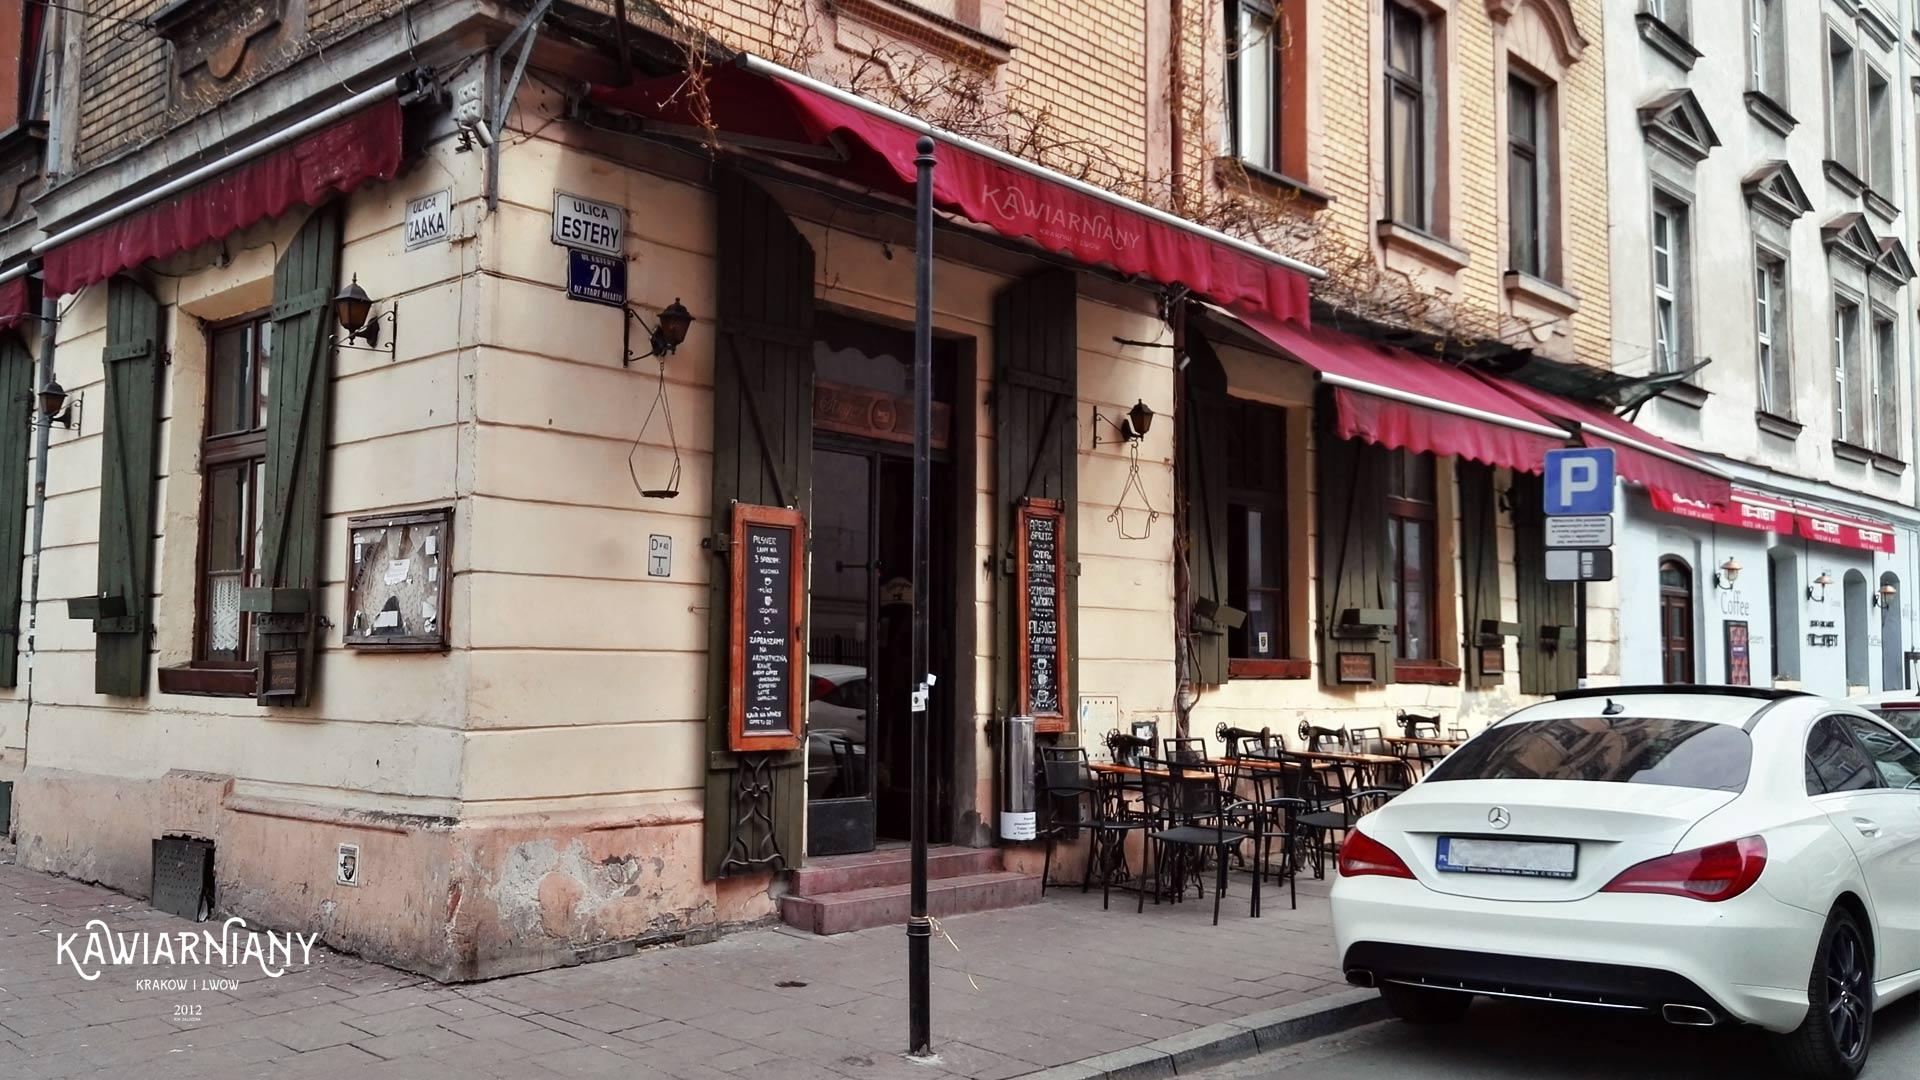 Kawiarnia Singer, Kraków, Kazimierz